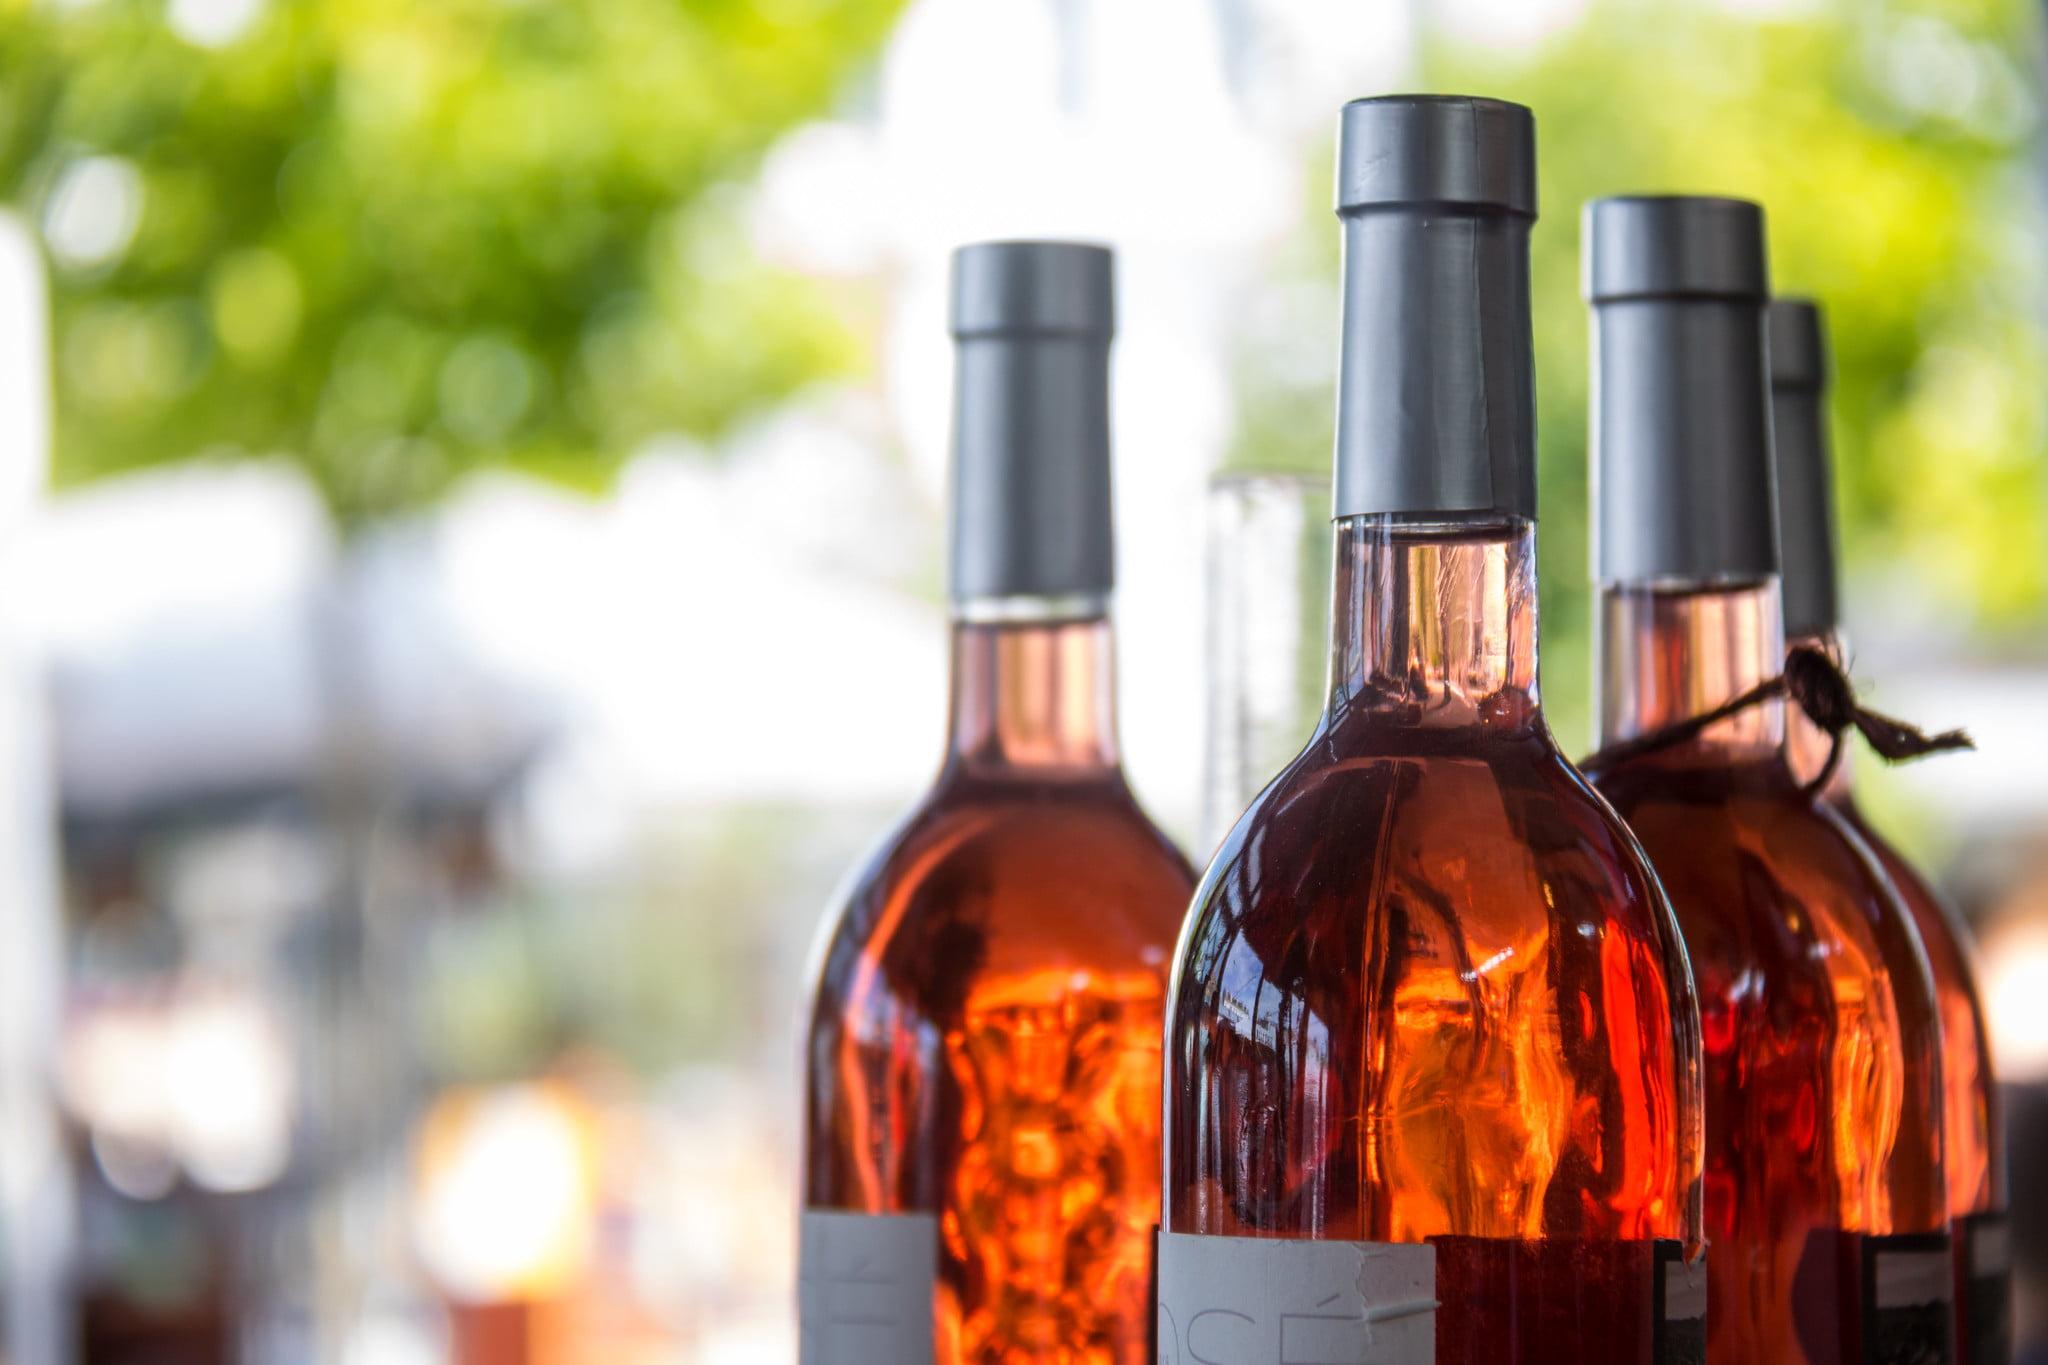 The Layover Paris - Rosé Wine - photo by Susanne Nilsson under CC BY-SA 2.0